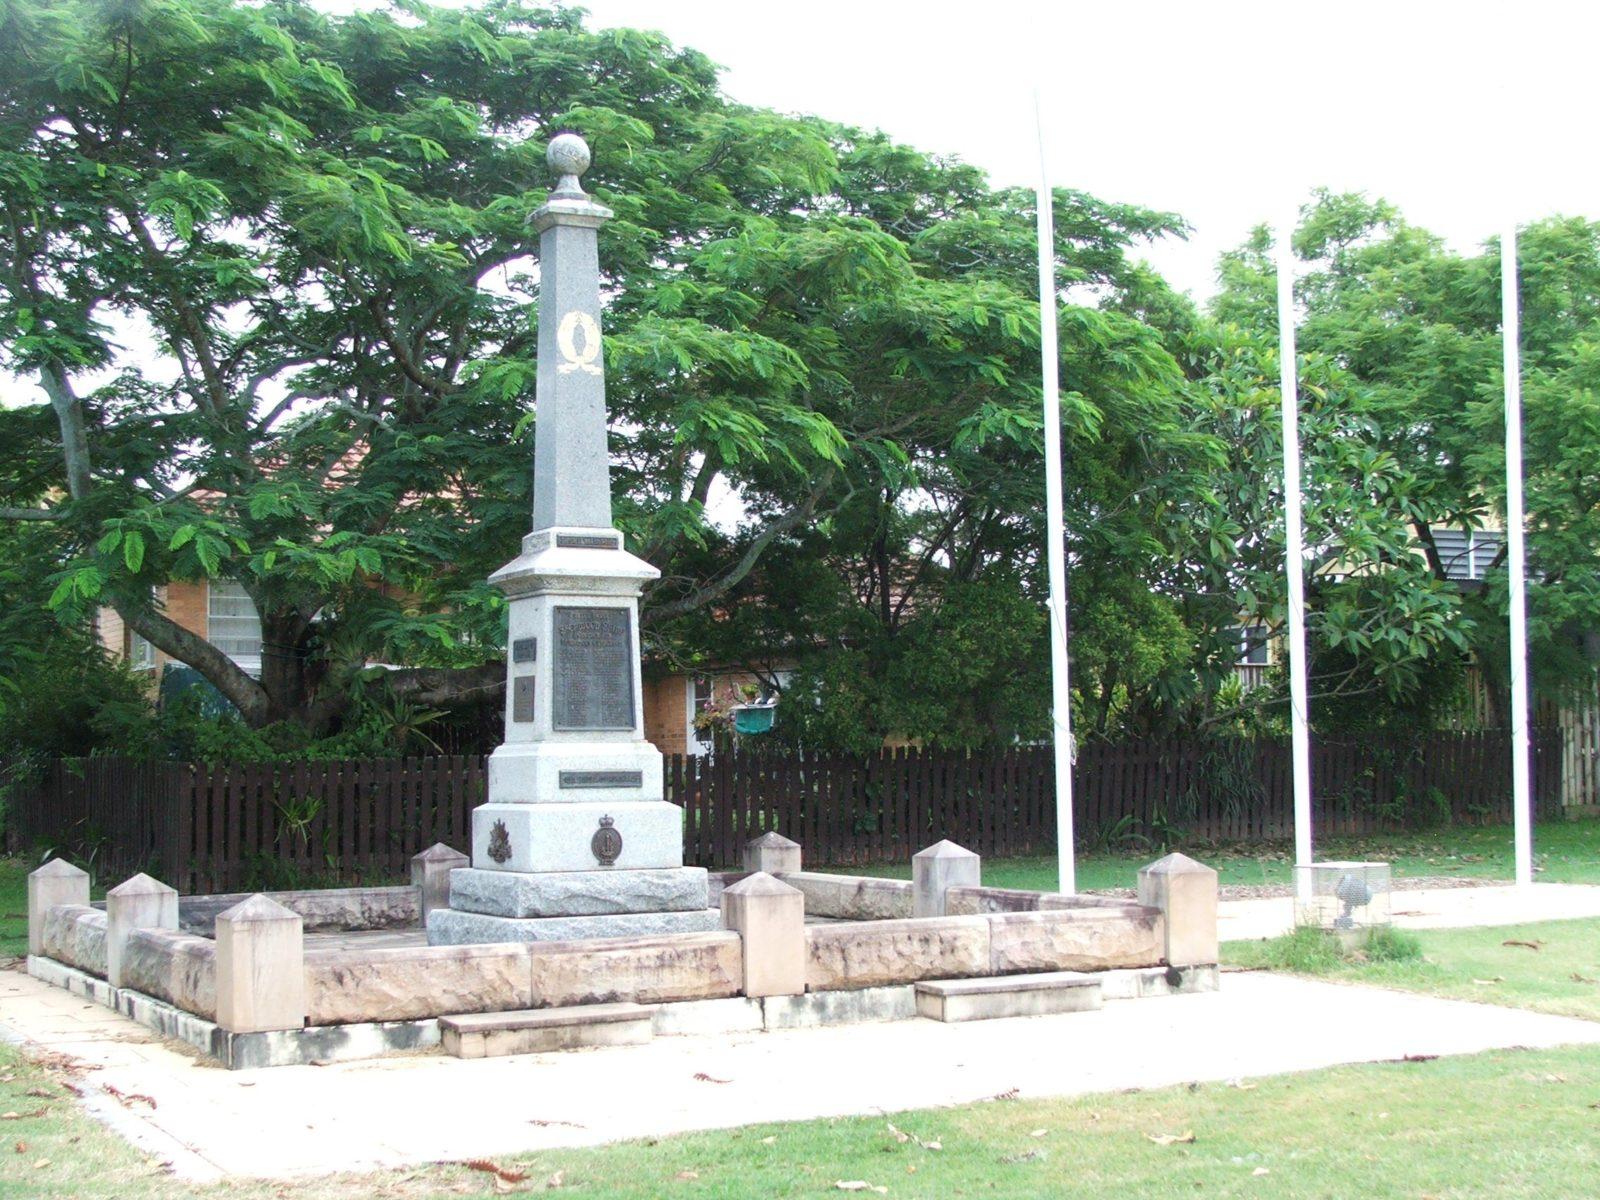 Graceville Memorial Park